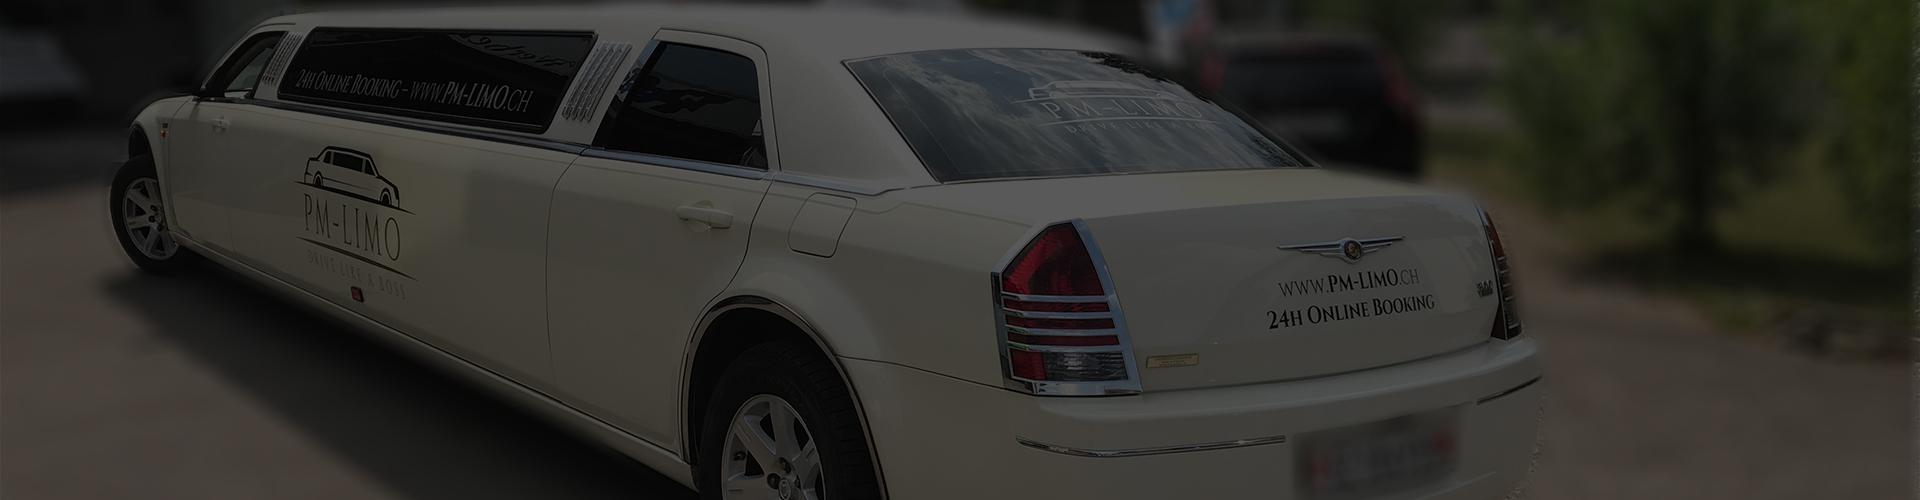 pm limo limousinenservice z rich preise. Black Bedroom Furniture Sets. Home Design Ideas